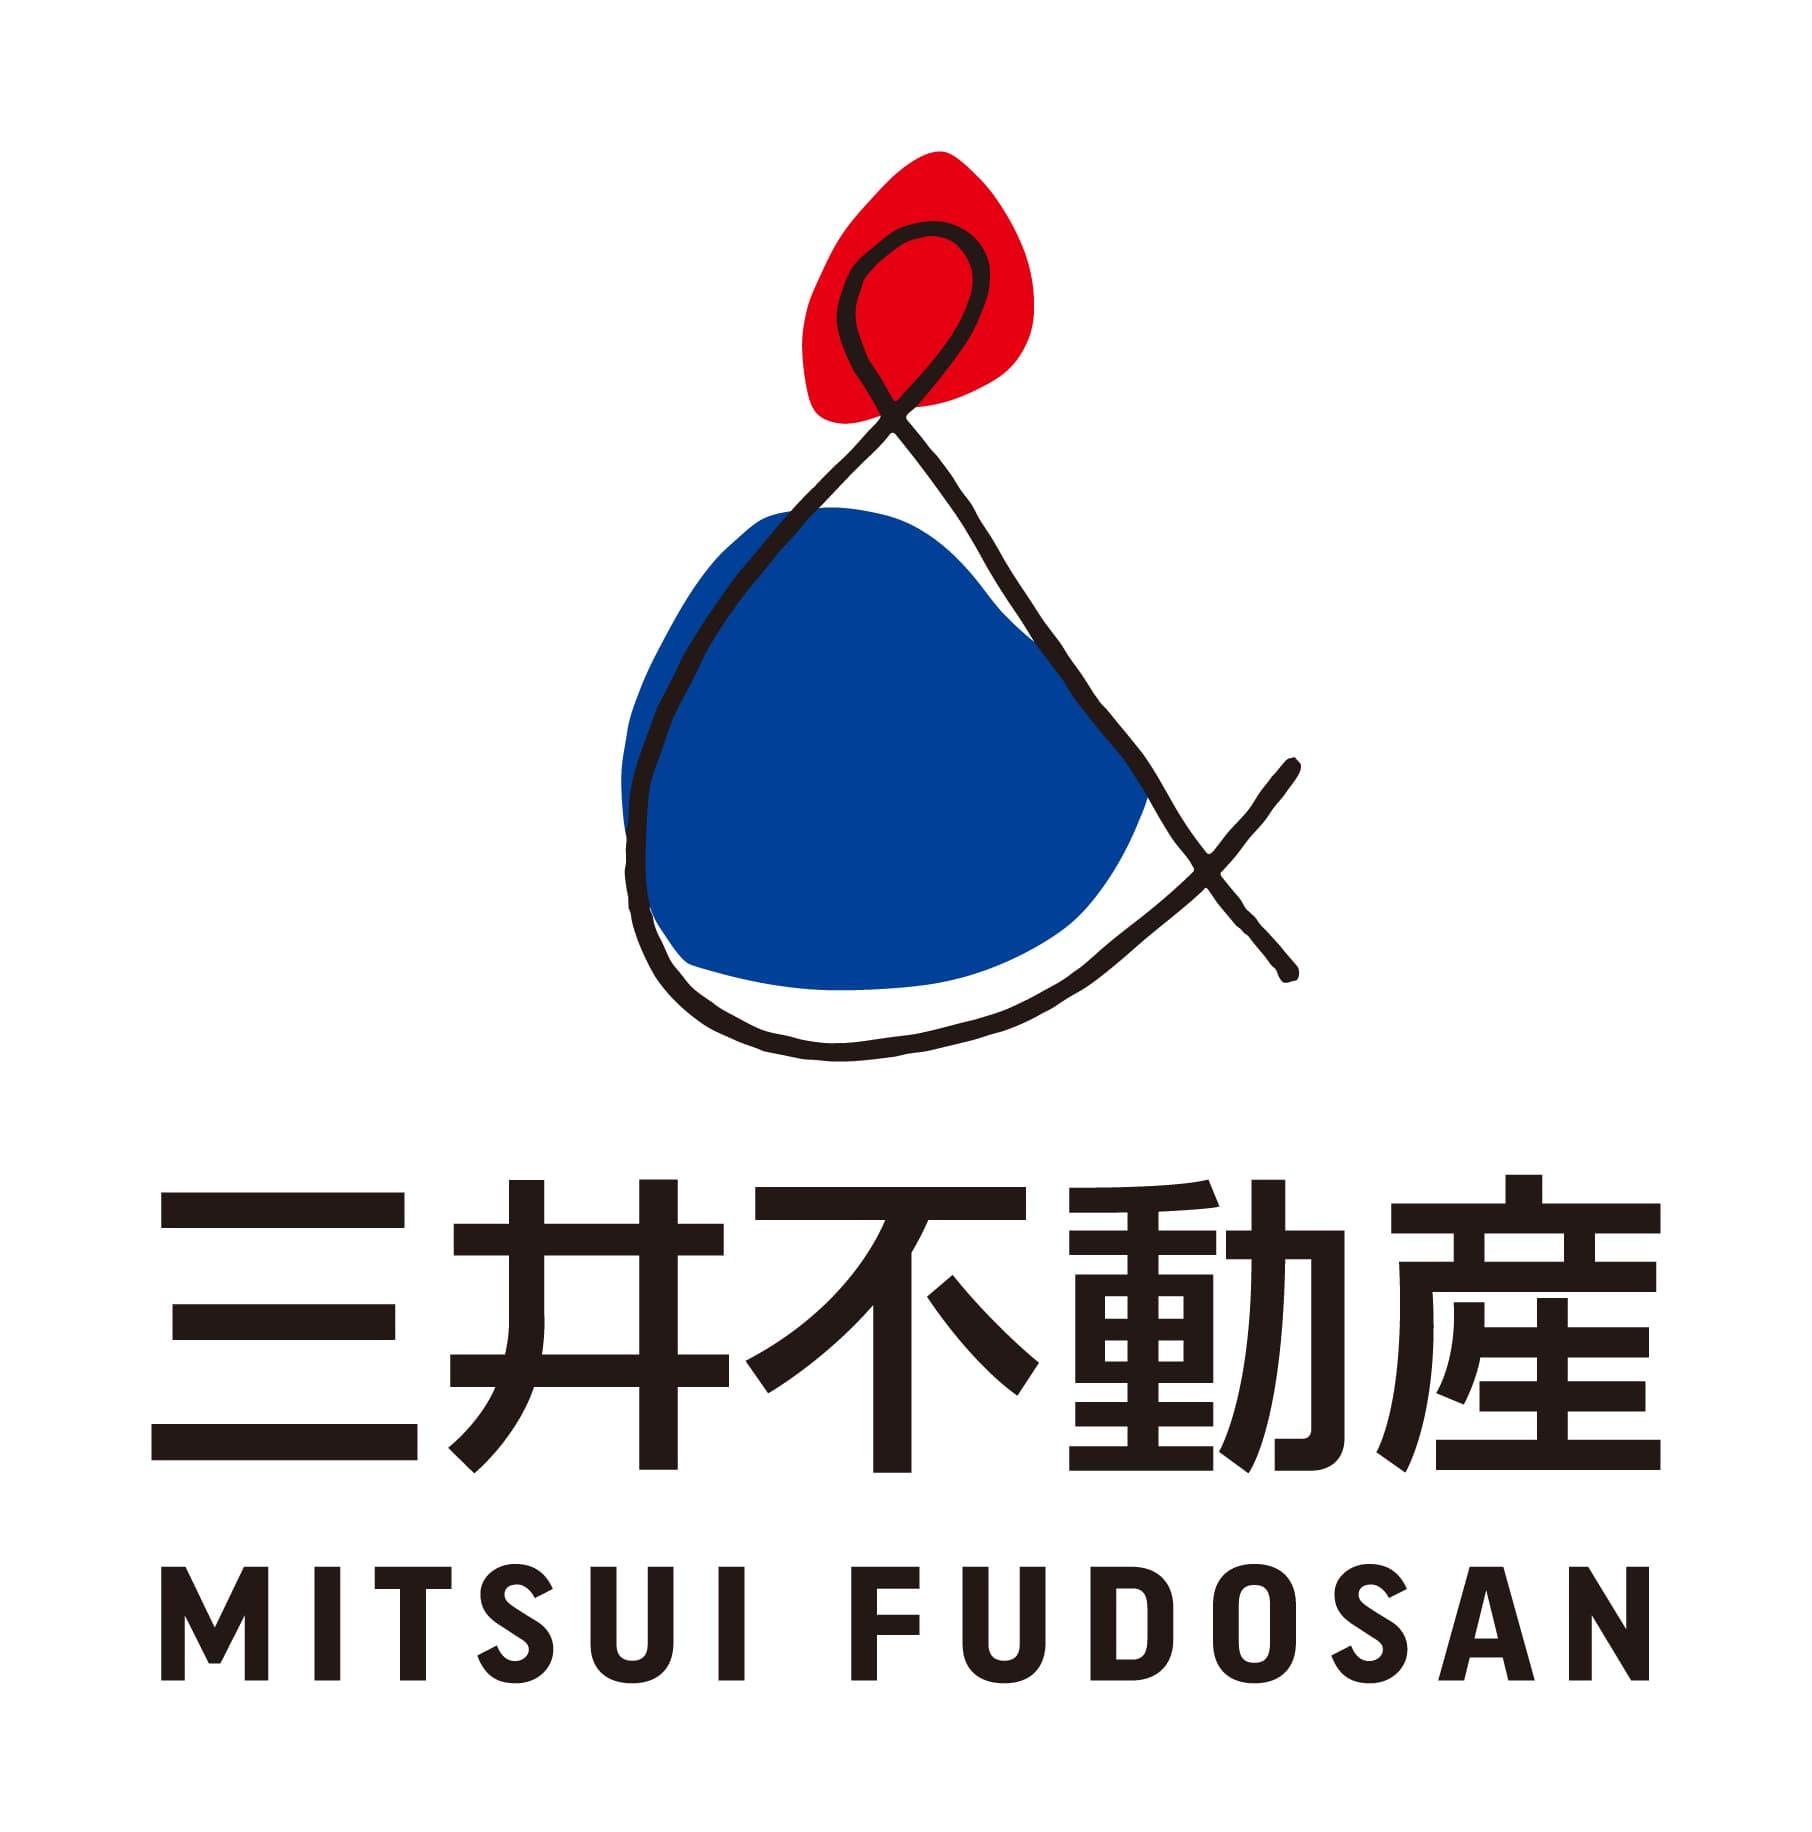 三井不動産株式会社ロゴ